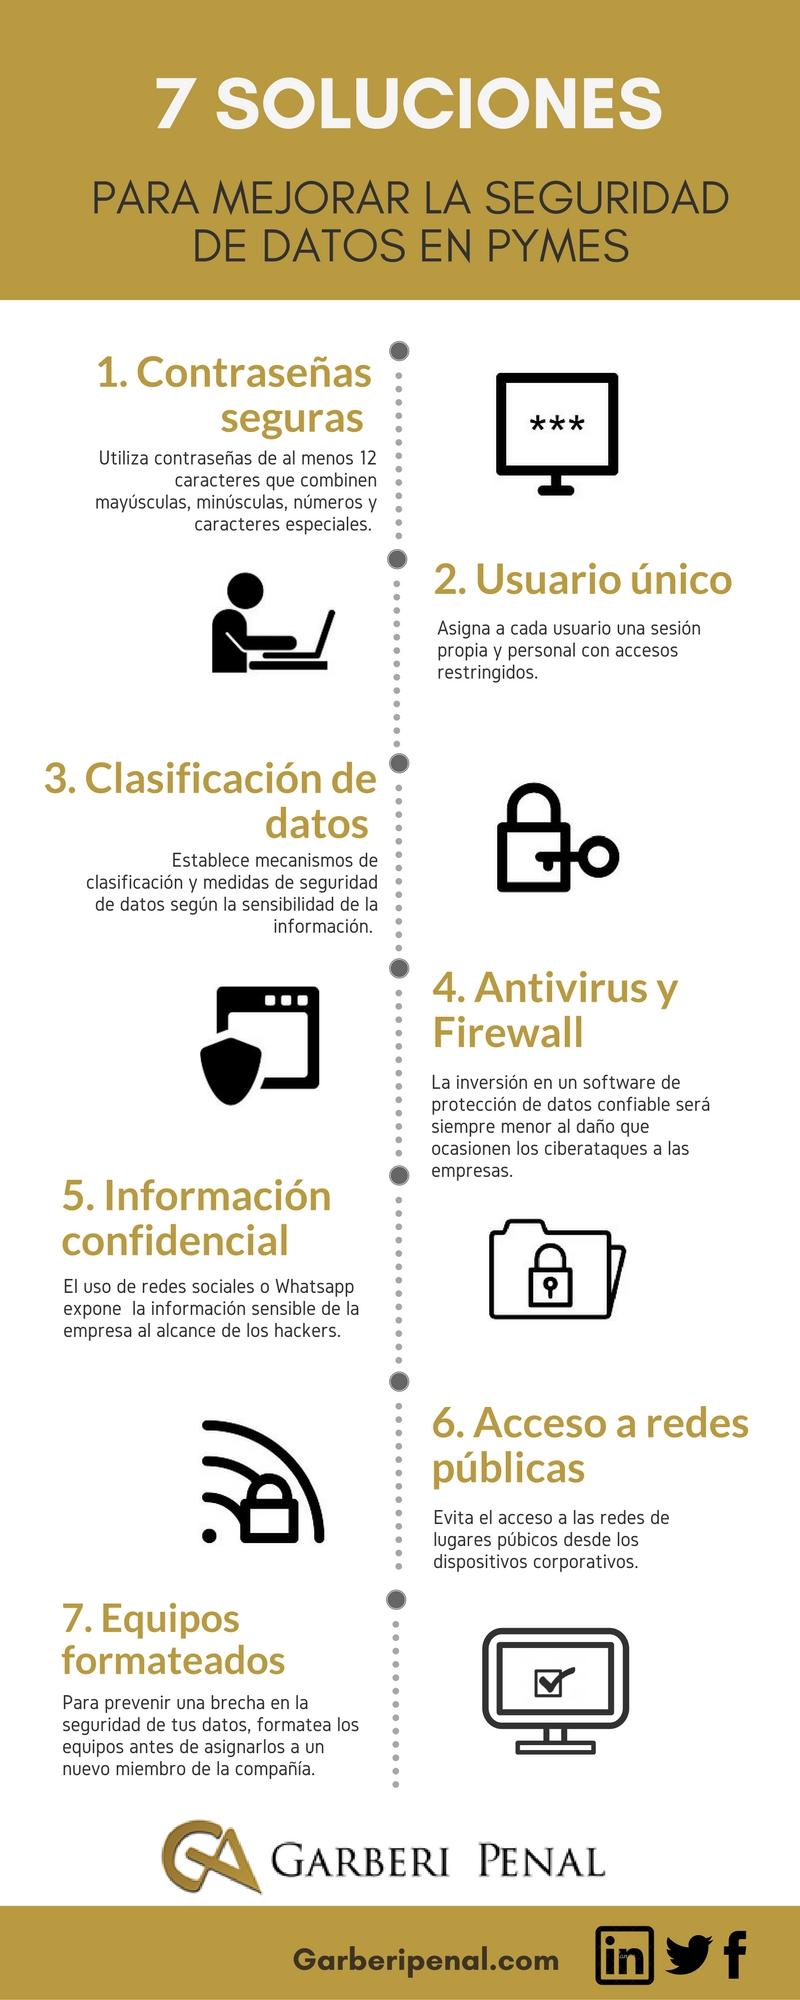 Infografía con soluciones para la seguridad de datos en PyMES